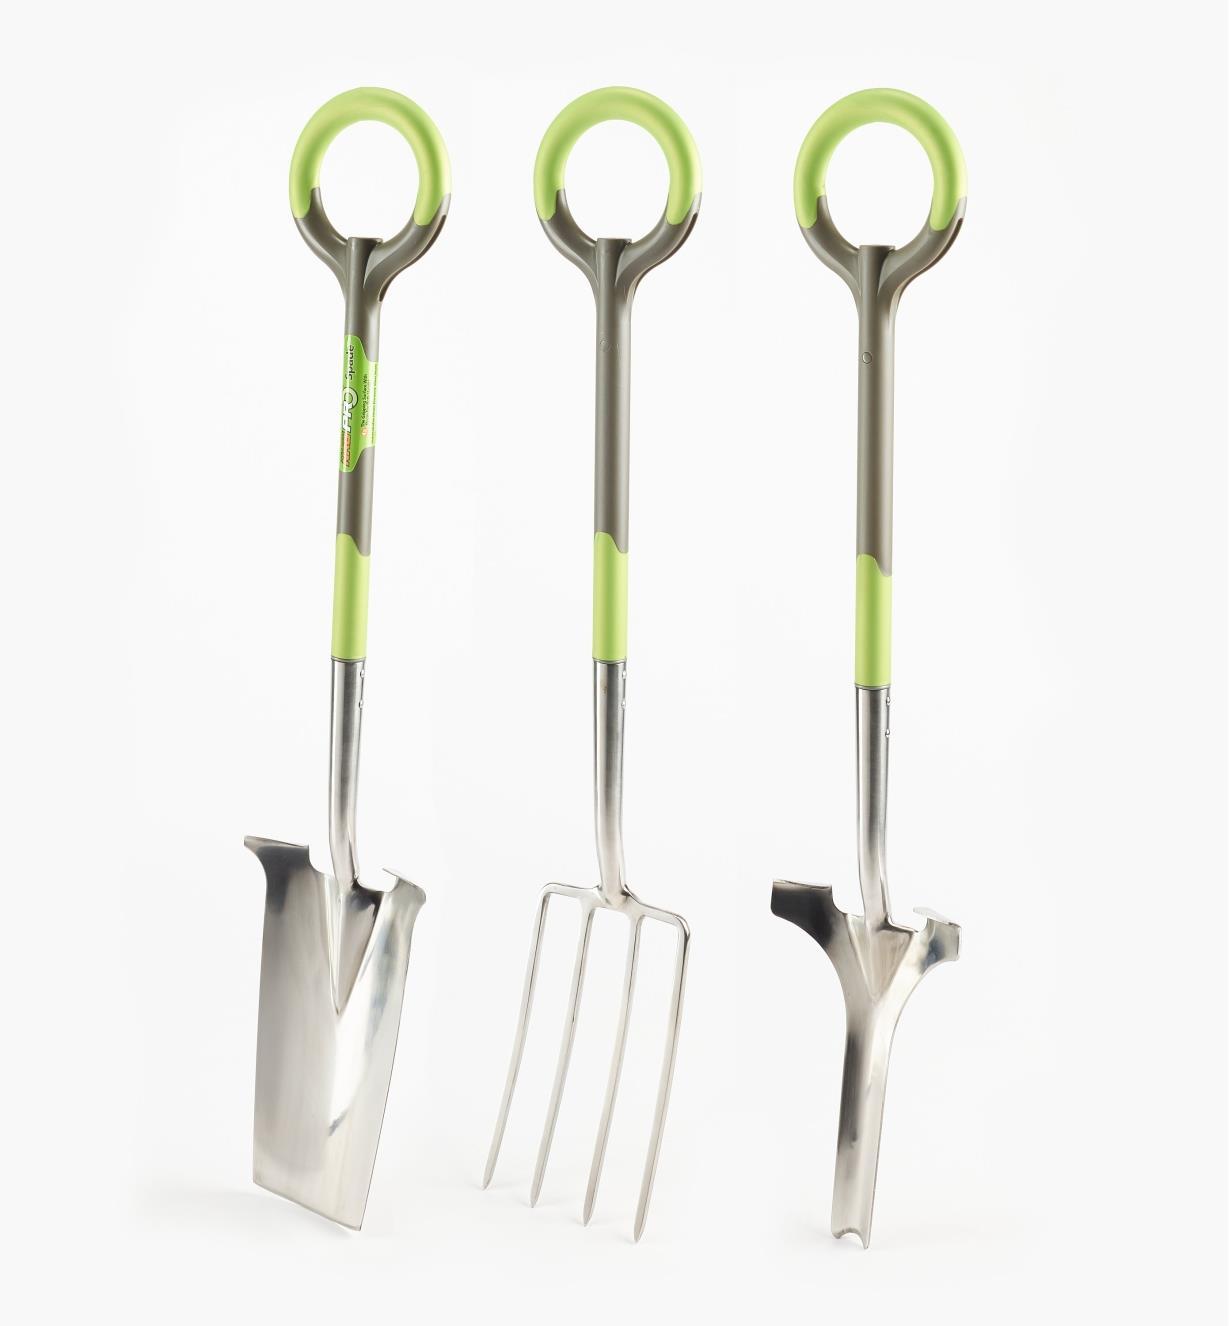 PG110 - Radius Ergonomic Stainless Steel Digging Spade, Fork & Weeder